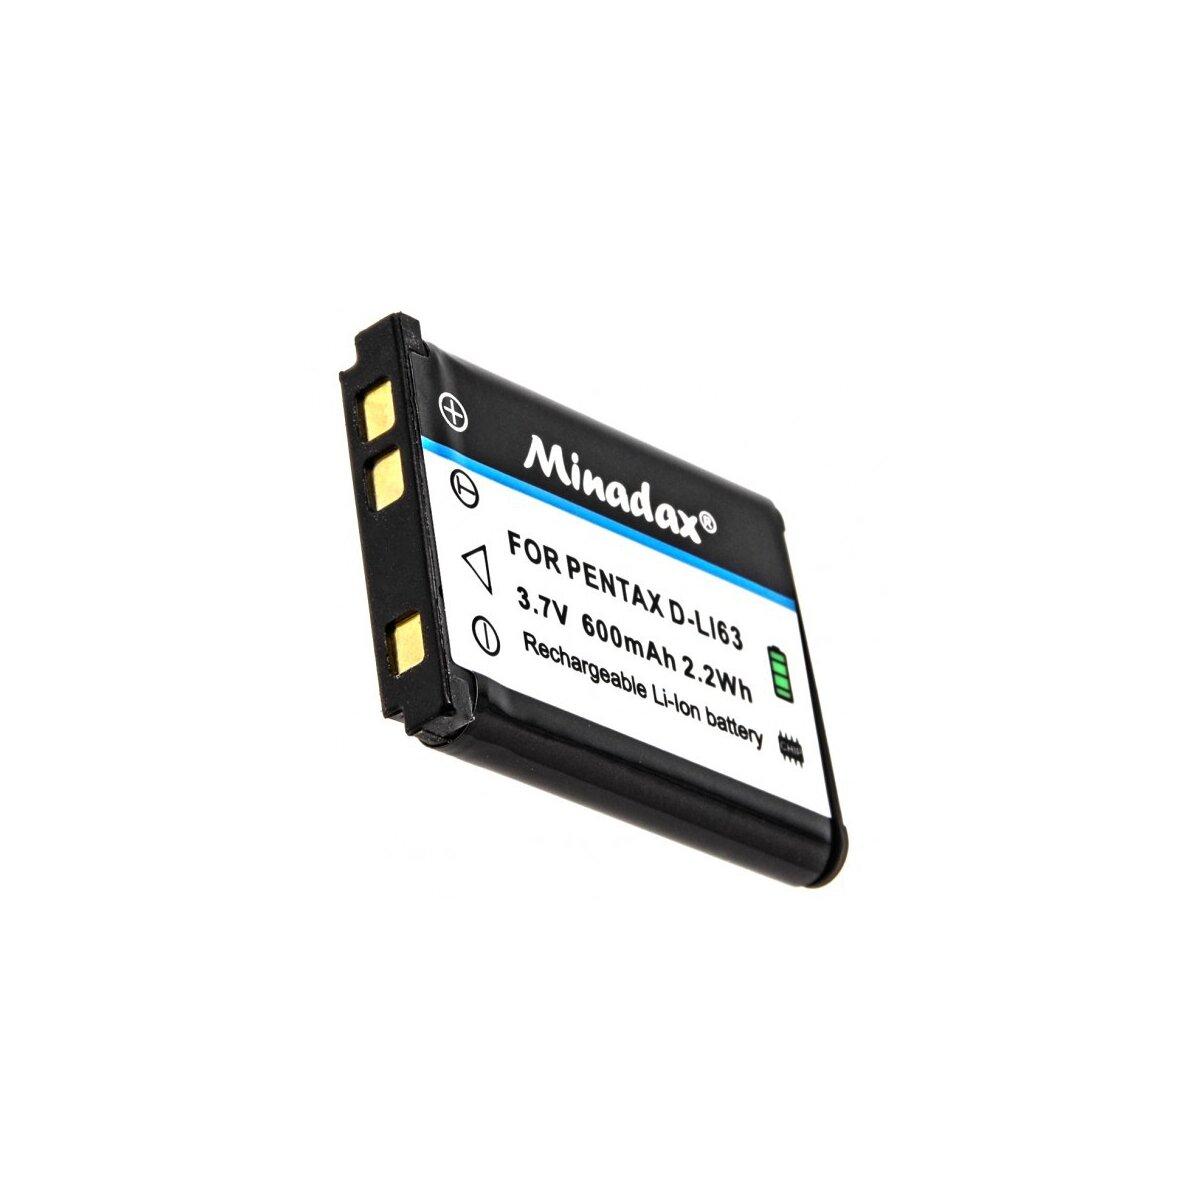 Minadax® Qualitaetsakku mit echten 600 mAh fuer Pentax Optio L30, L40, M30, M40, T30, V10, W30, wie D-LI63 - Intelligentes Akkusystem mit Chip